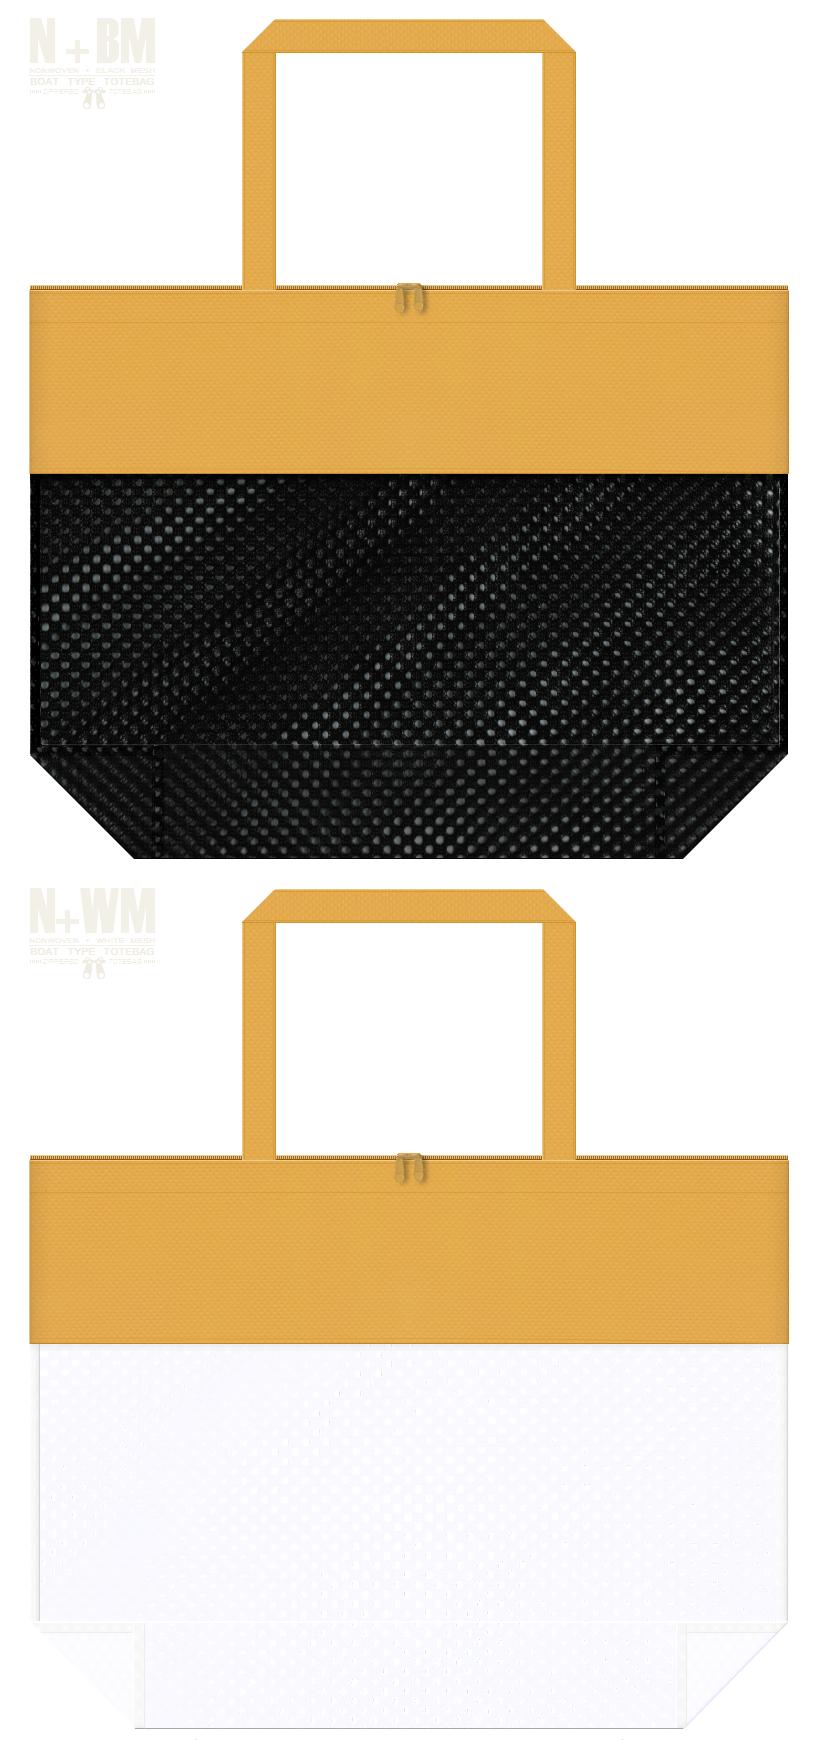 台形型メッシュバッグのカラーシミュレーション:黒色・白色メッシュと黄土色不織布の組み合わせ